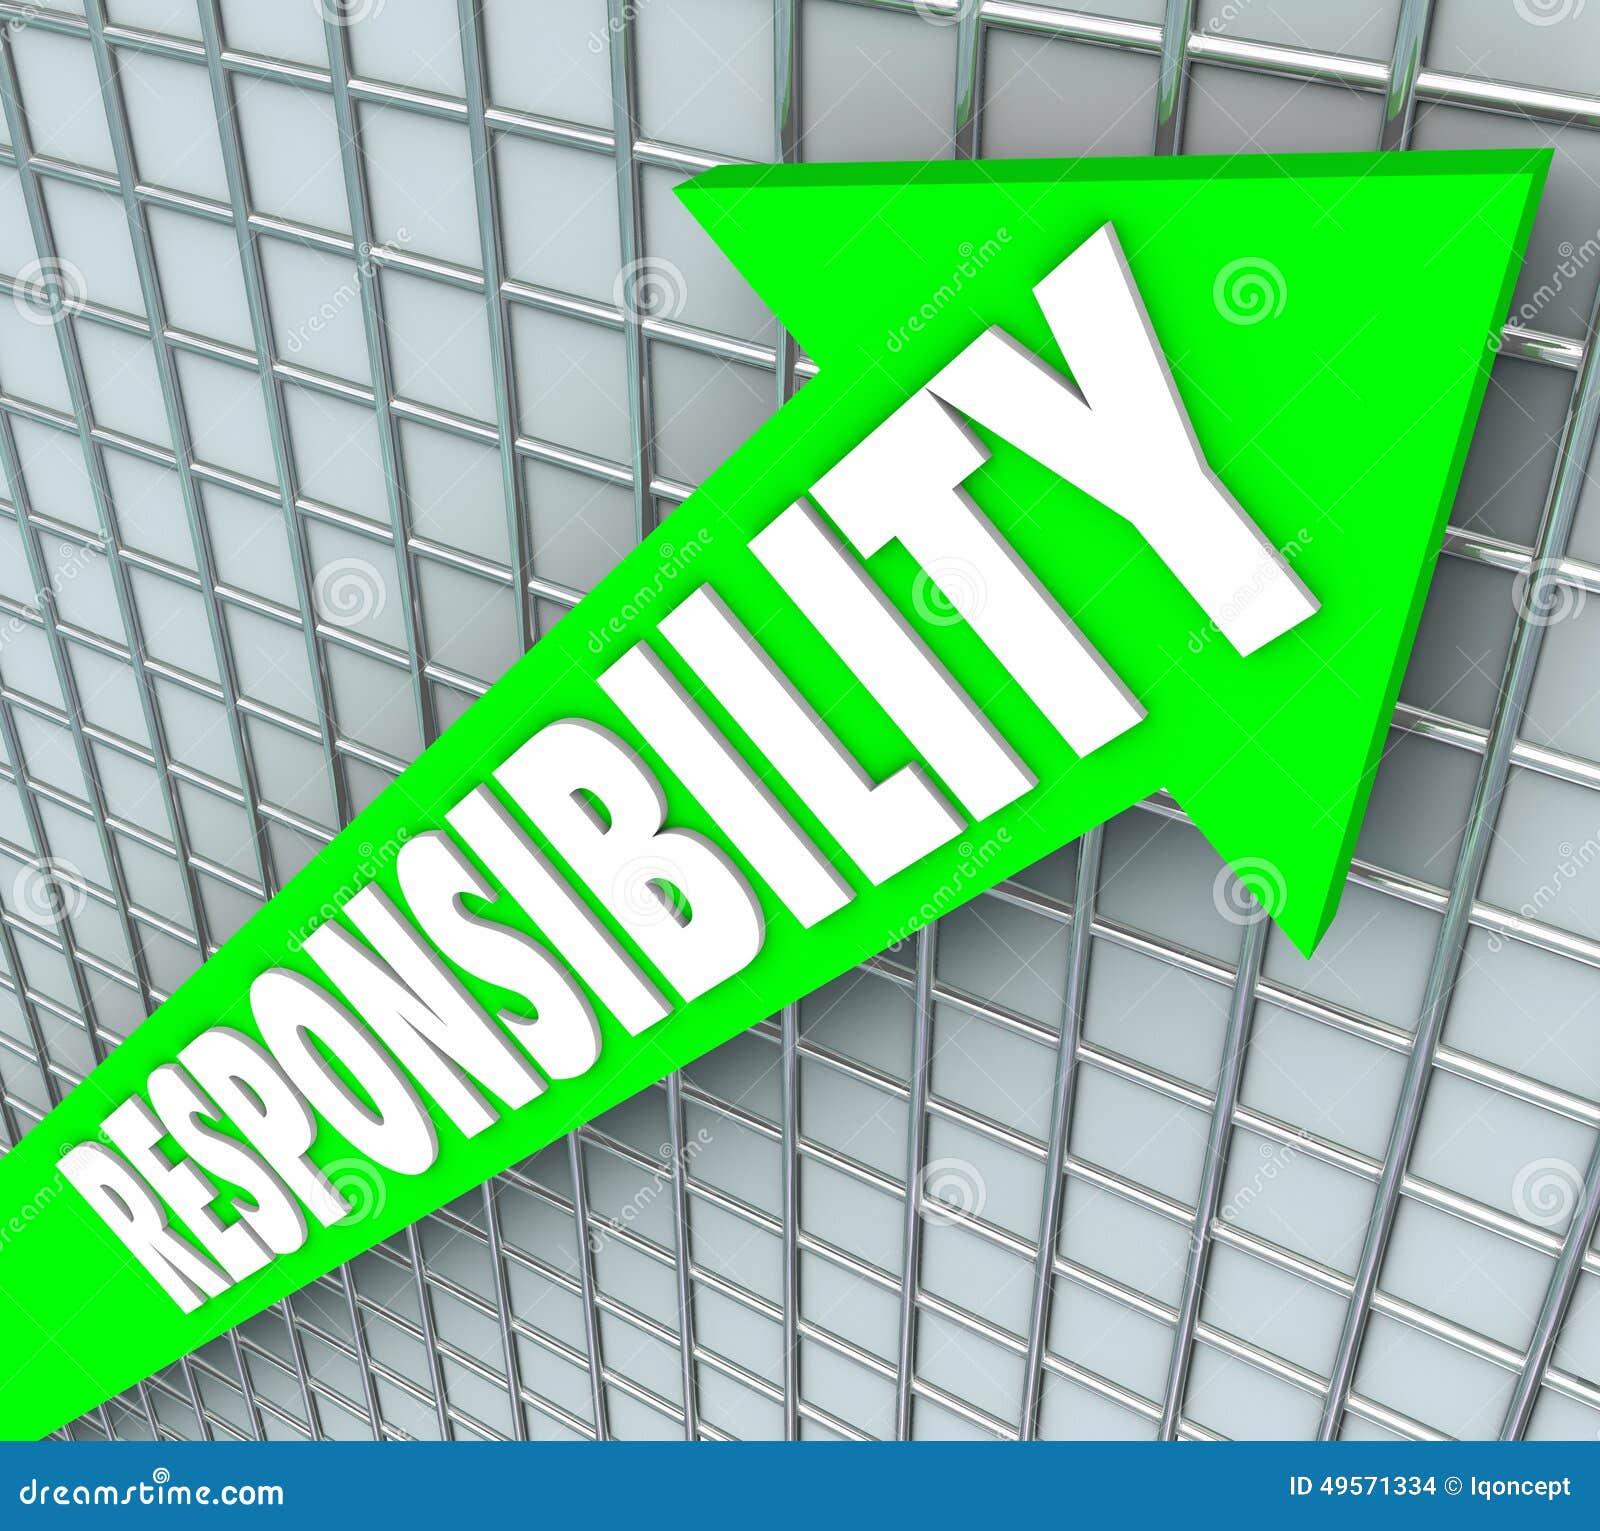 Verantwoordelijkheidsword Groene Pijl die Goedkeurend Verplichting Acco toenemen